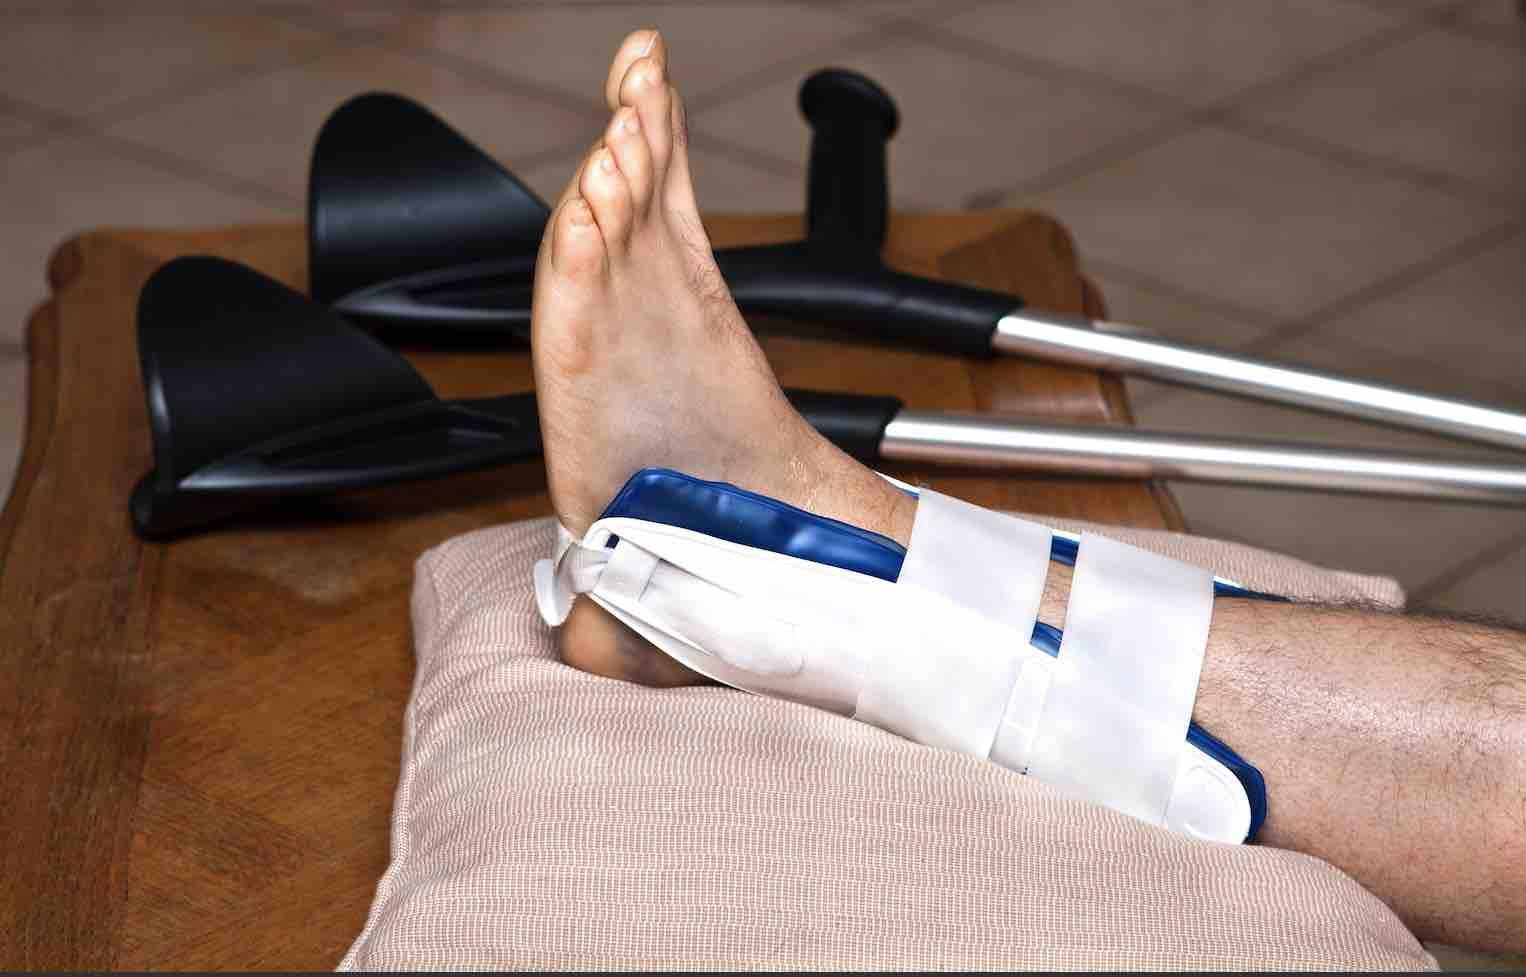 körperverletzung verjährung